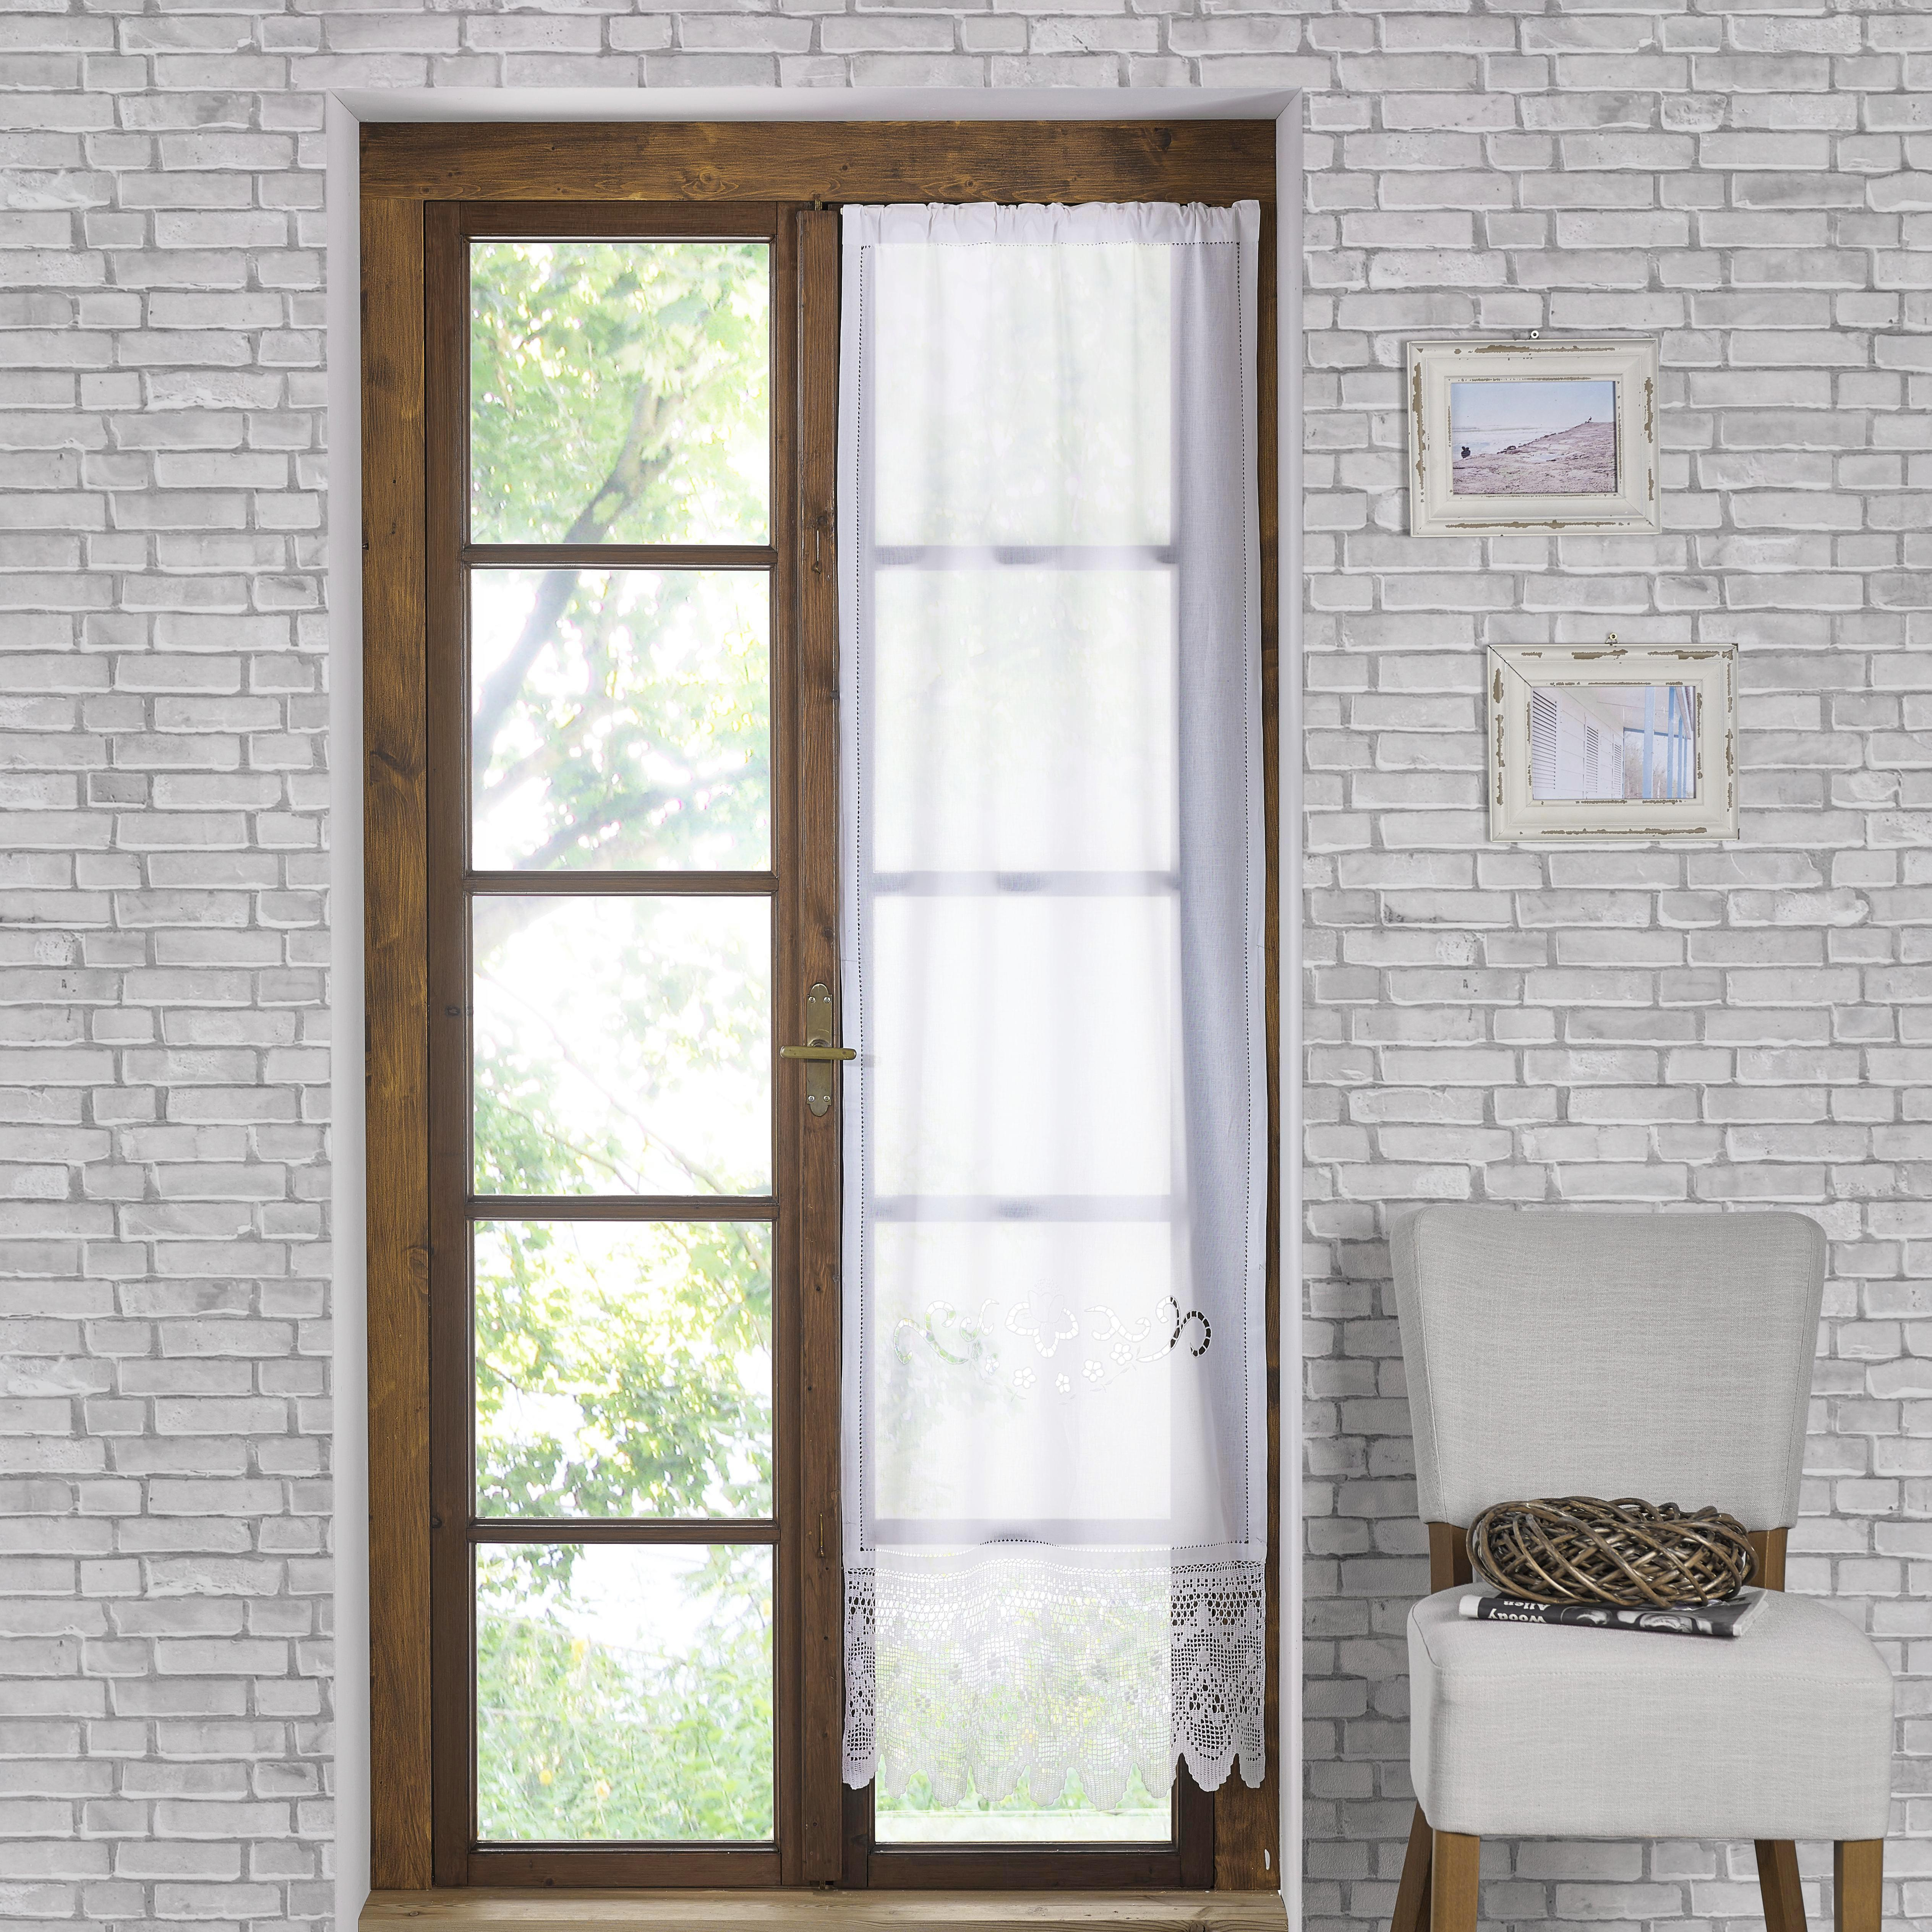 Fertiggardine Vanessa 60x180cm - Weiß, KONVENTIONELL, Textil (60/180cm) - PREMIUM LIVING